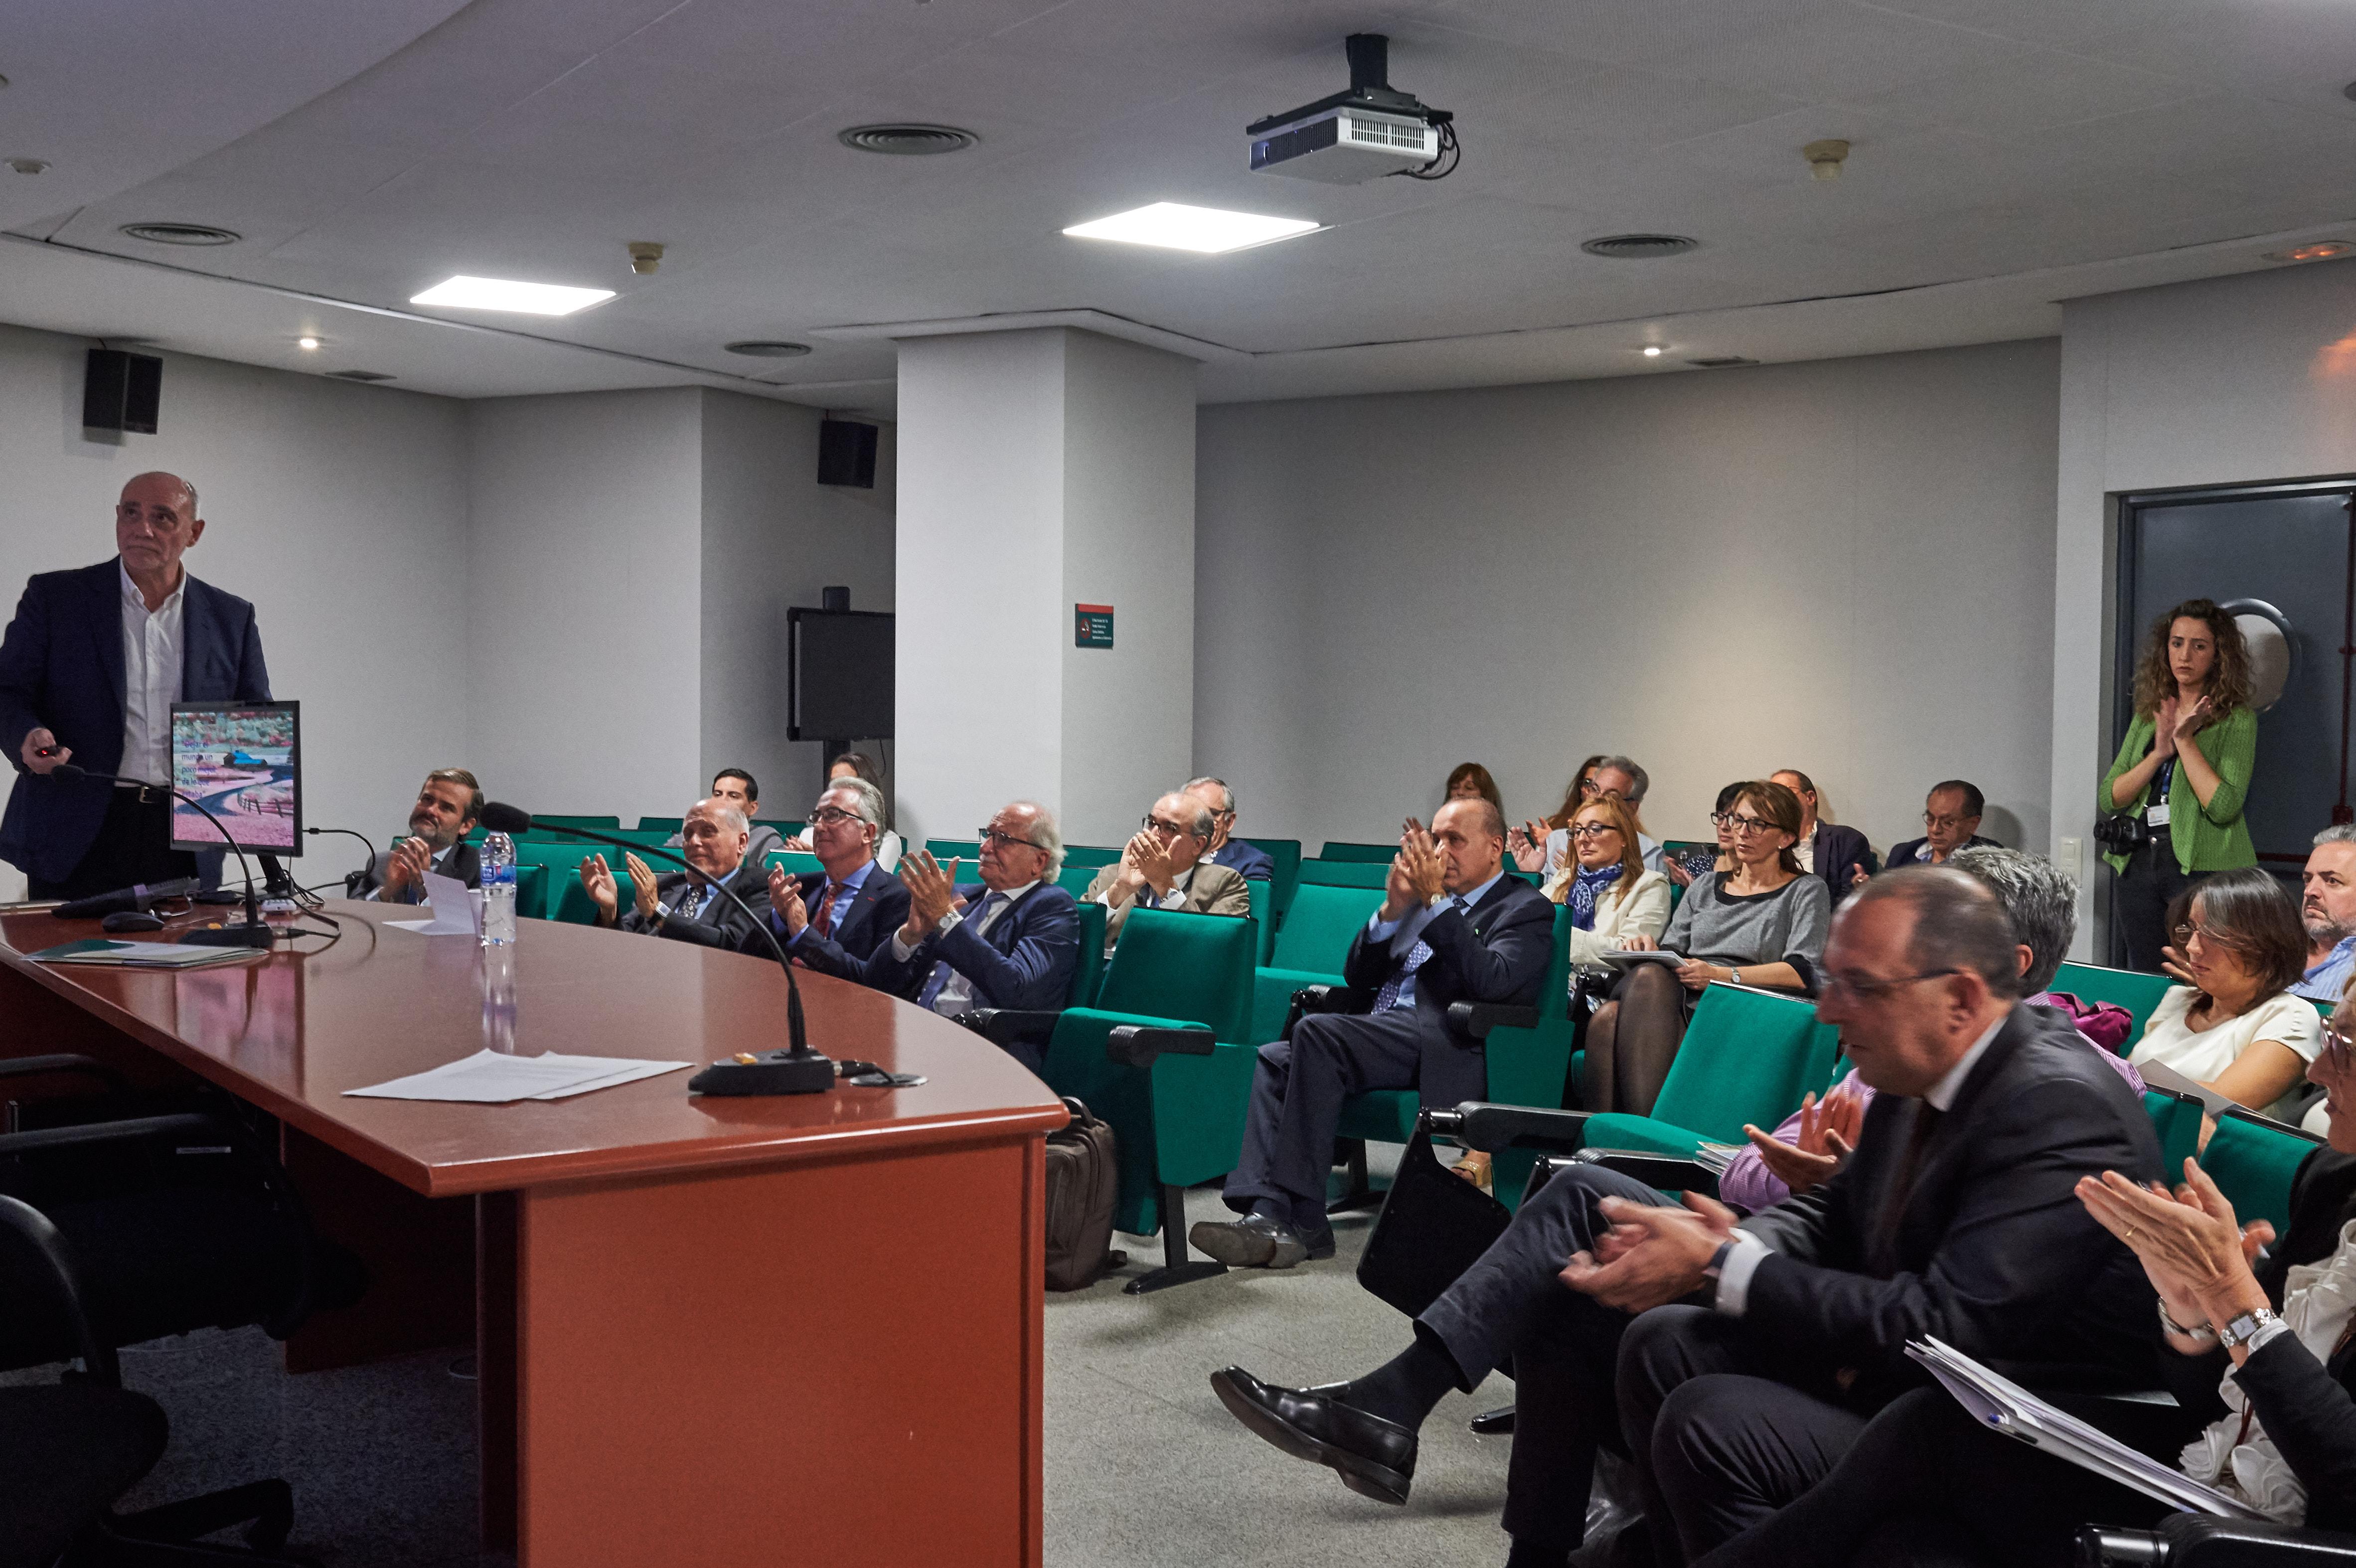 Dr. Armañanzas, jefe de Servicio de Cirugía del H. Dr Peset de Valencia durante su presentación